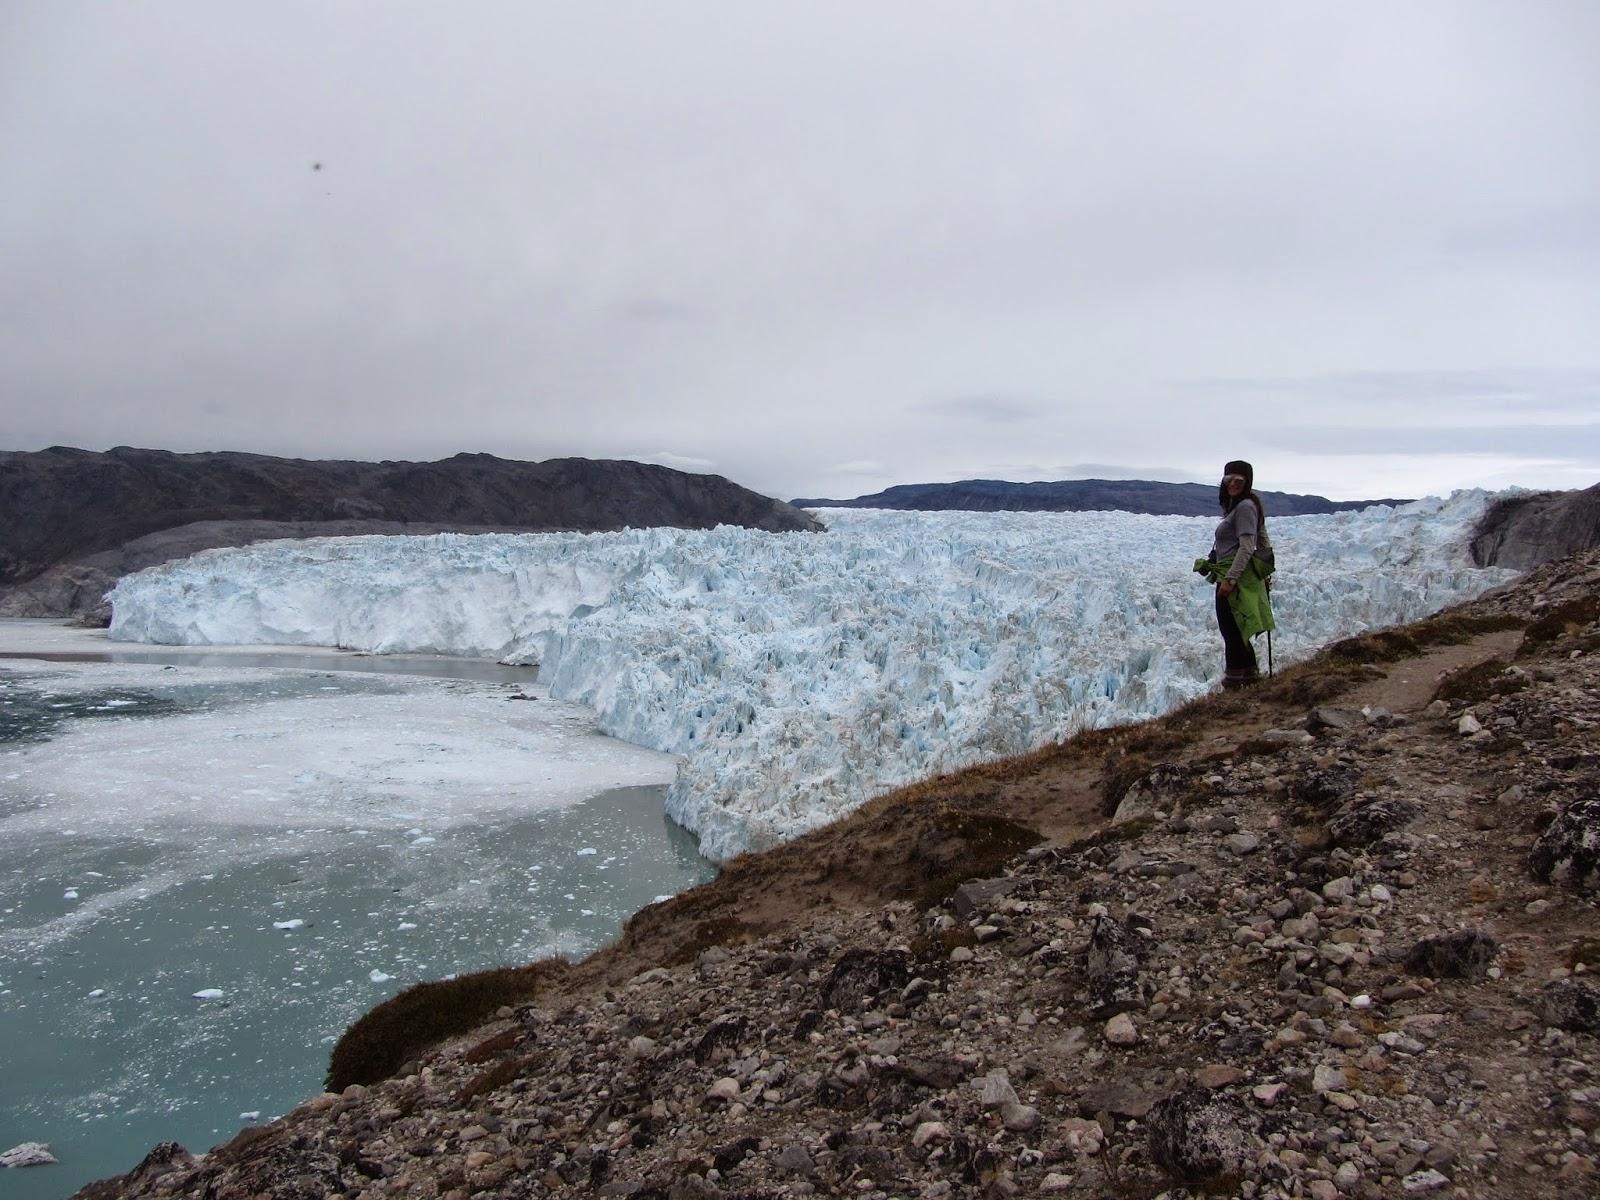 Visitar o GLACIAR EQI e dormir aos pés do Glaciar | Gronelândia